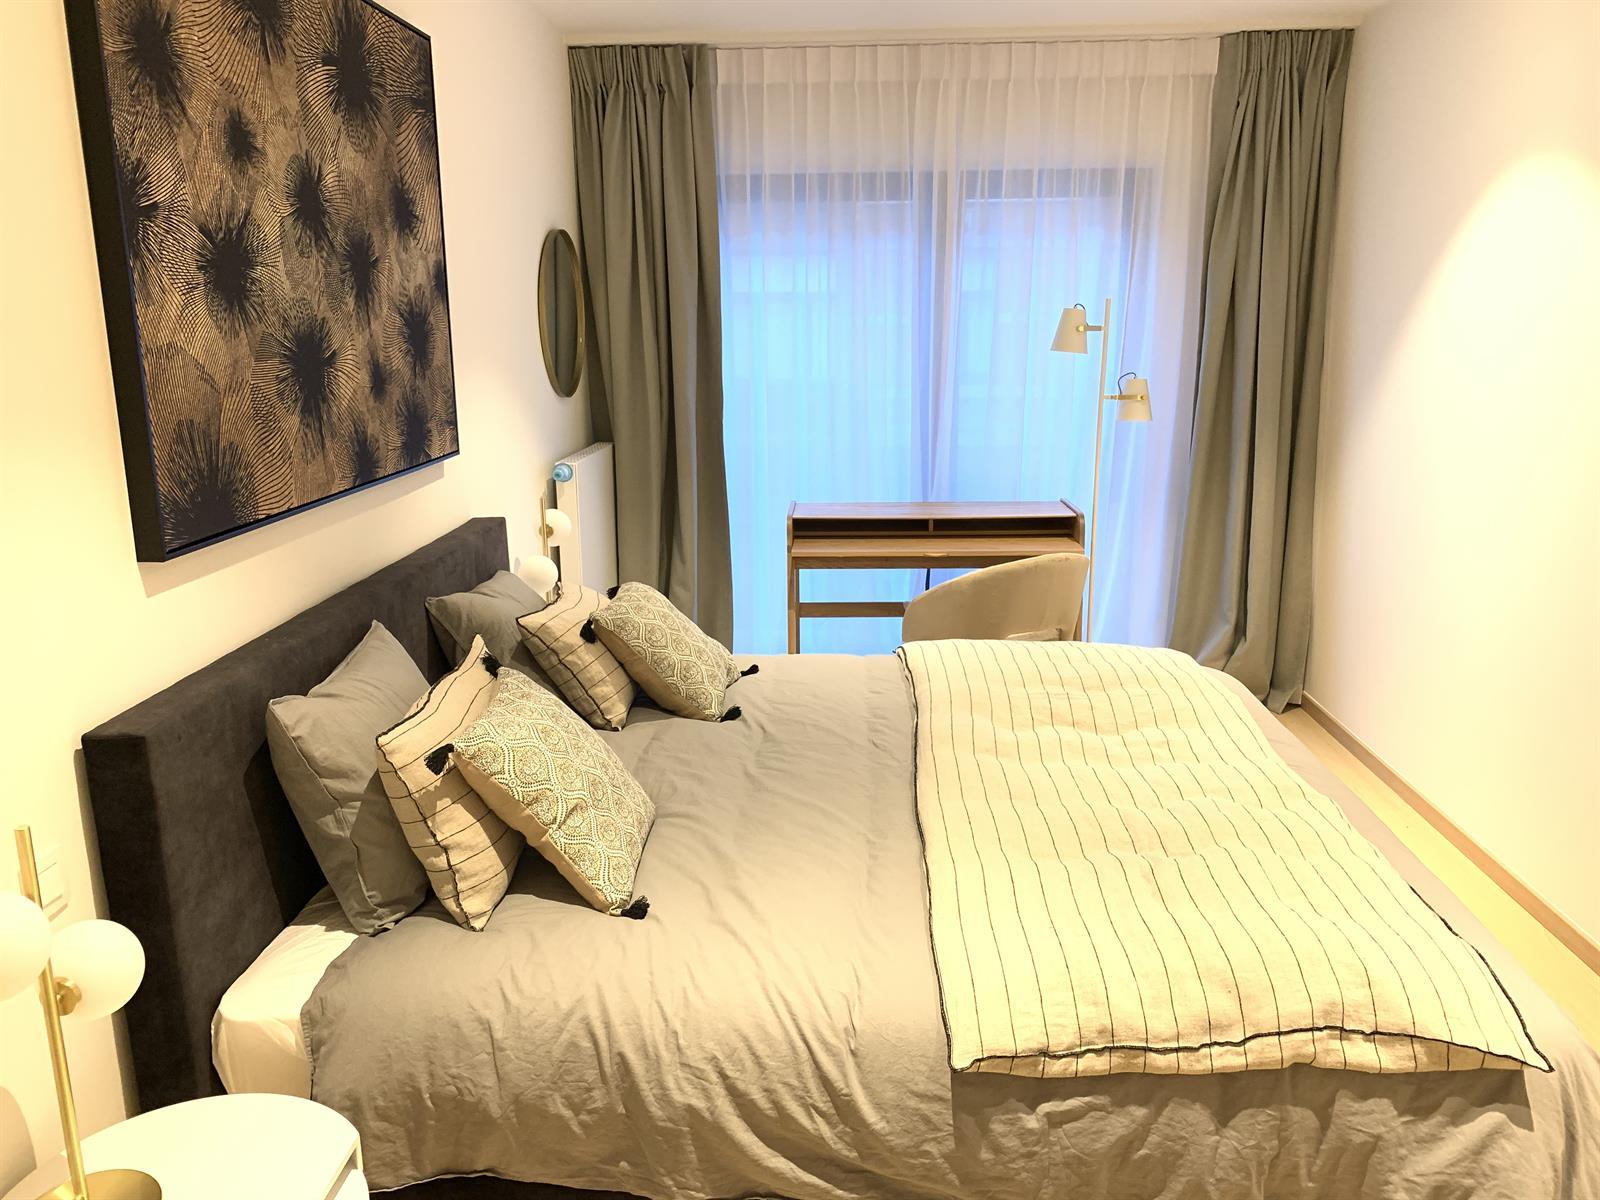 Appartement exceptionnel - Ixelles - #3918742-5